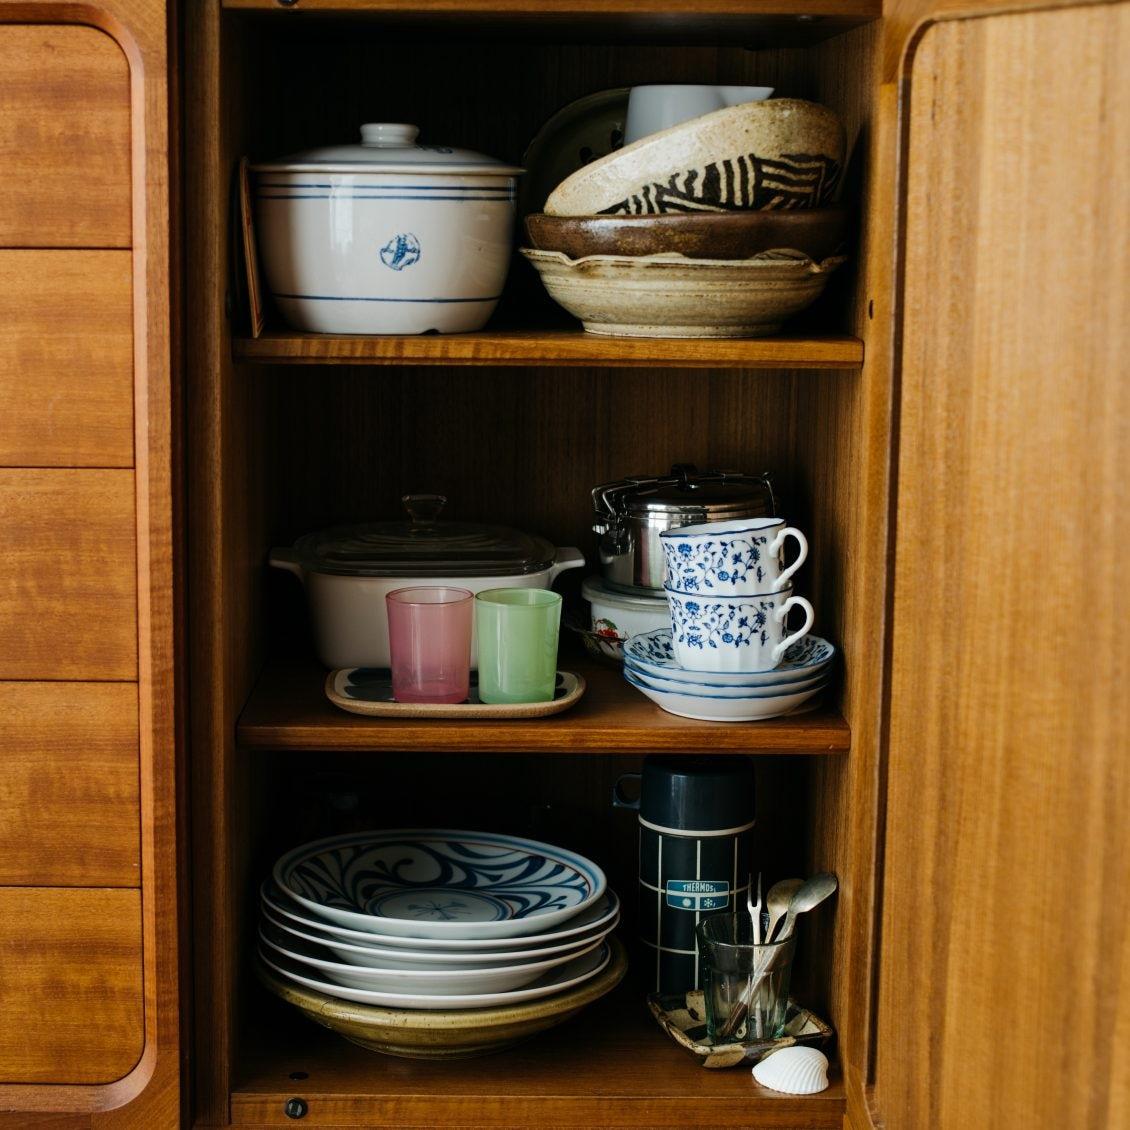 【365日、模様替え】第4話:まる見えの洗濯機は、DIYで家具気分。食器棚に和紙を敷いたら?